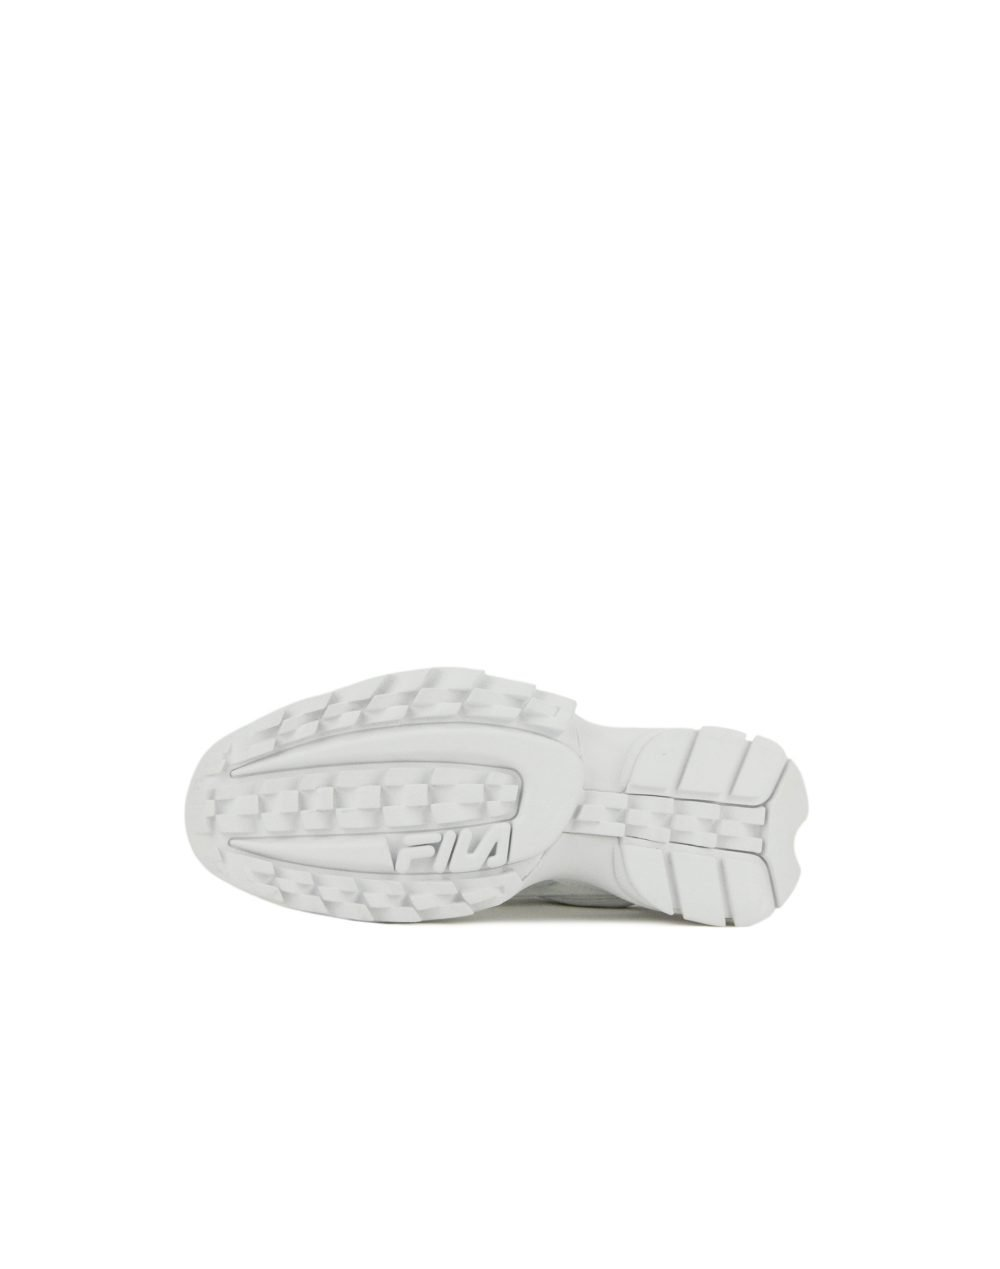 Fila Disruptor Sandal (5SM00034-125) White